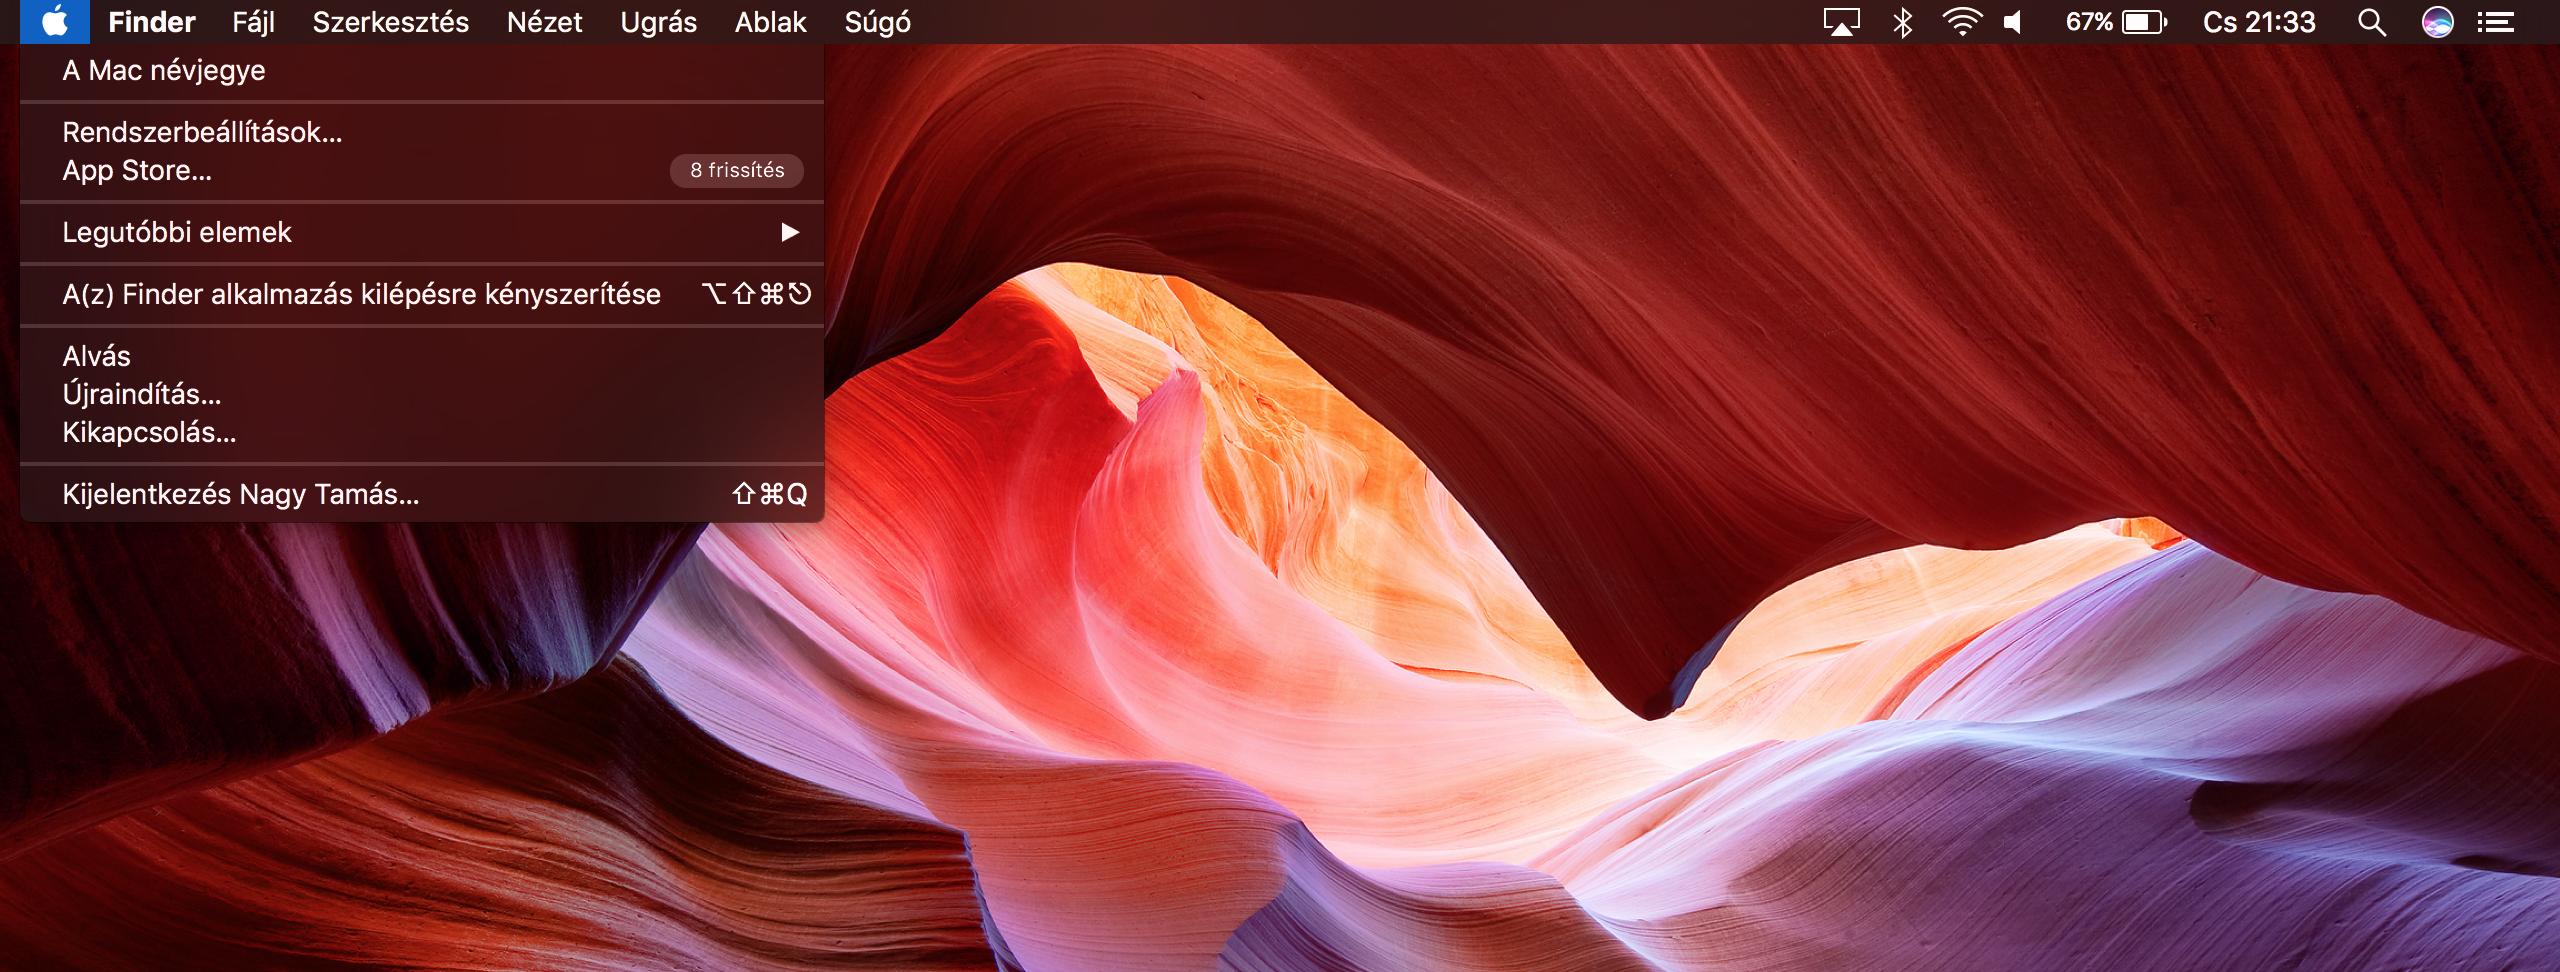 Mac garanciális állapotának ellenőrzése - Re-store